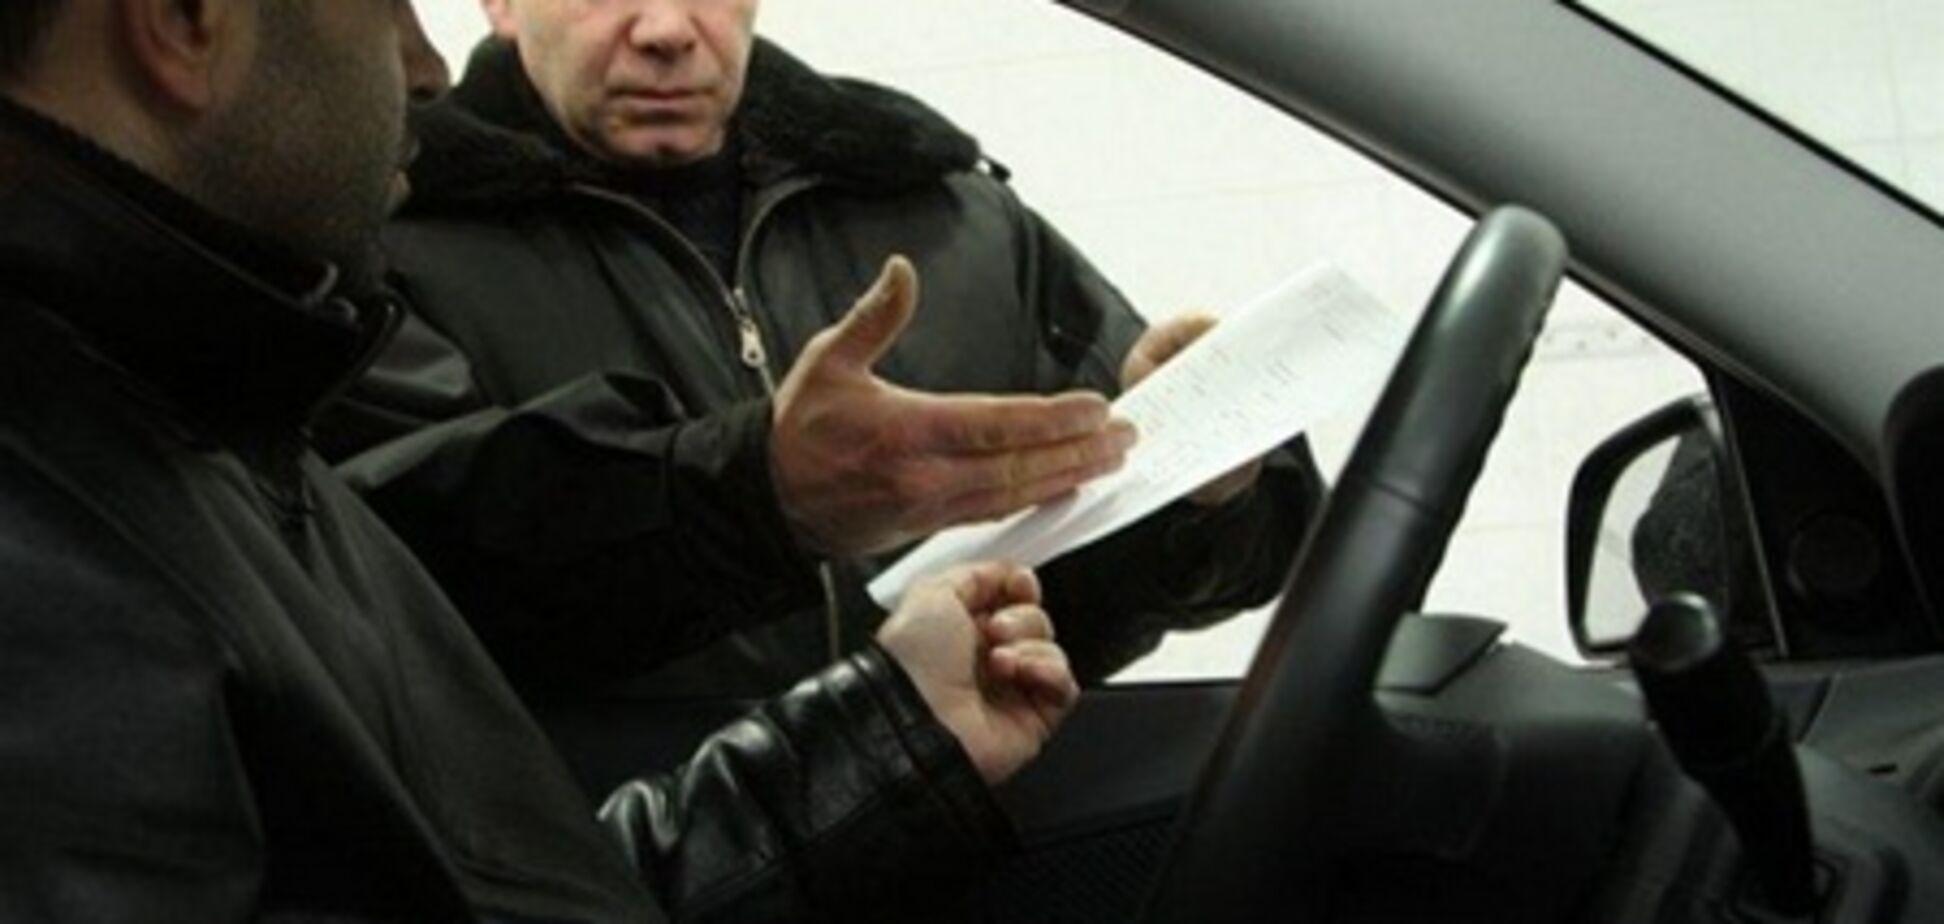 Автомобилисты не смогут оформить краткосрочные полисы «автогражданки» уже через полгода